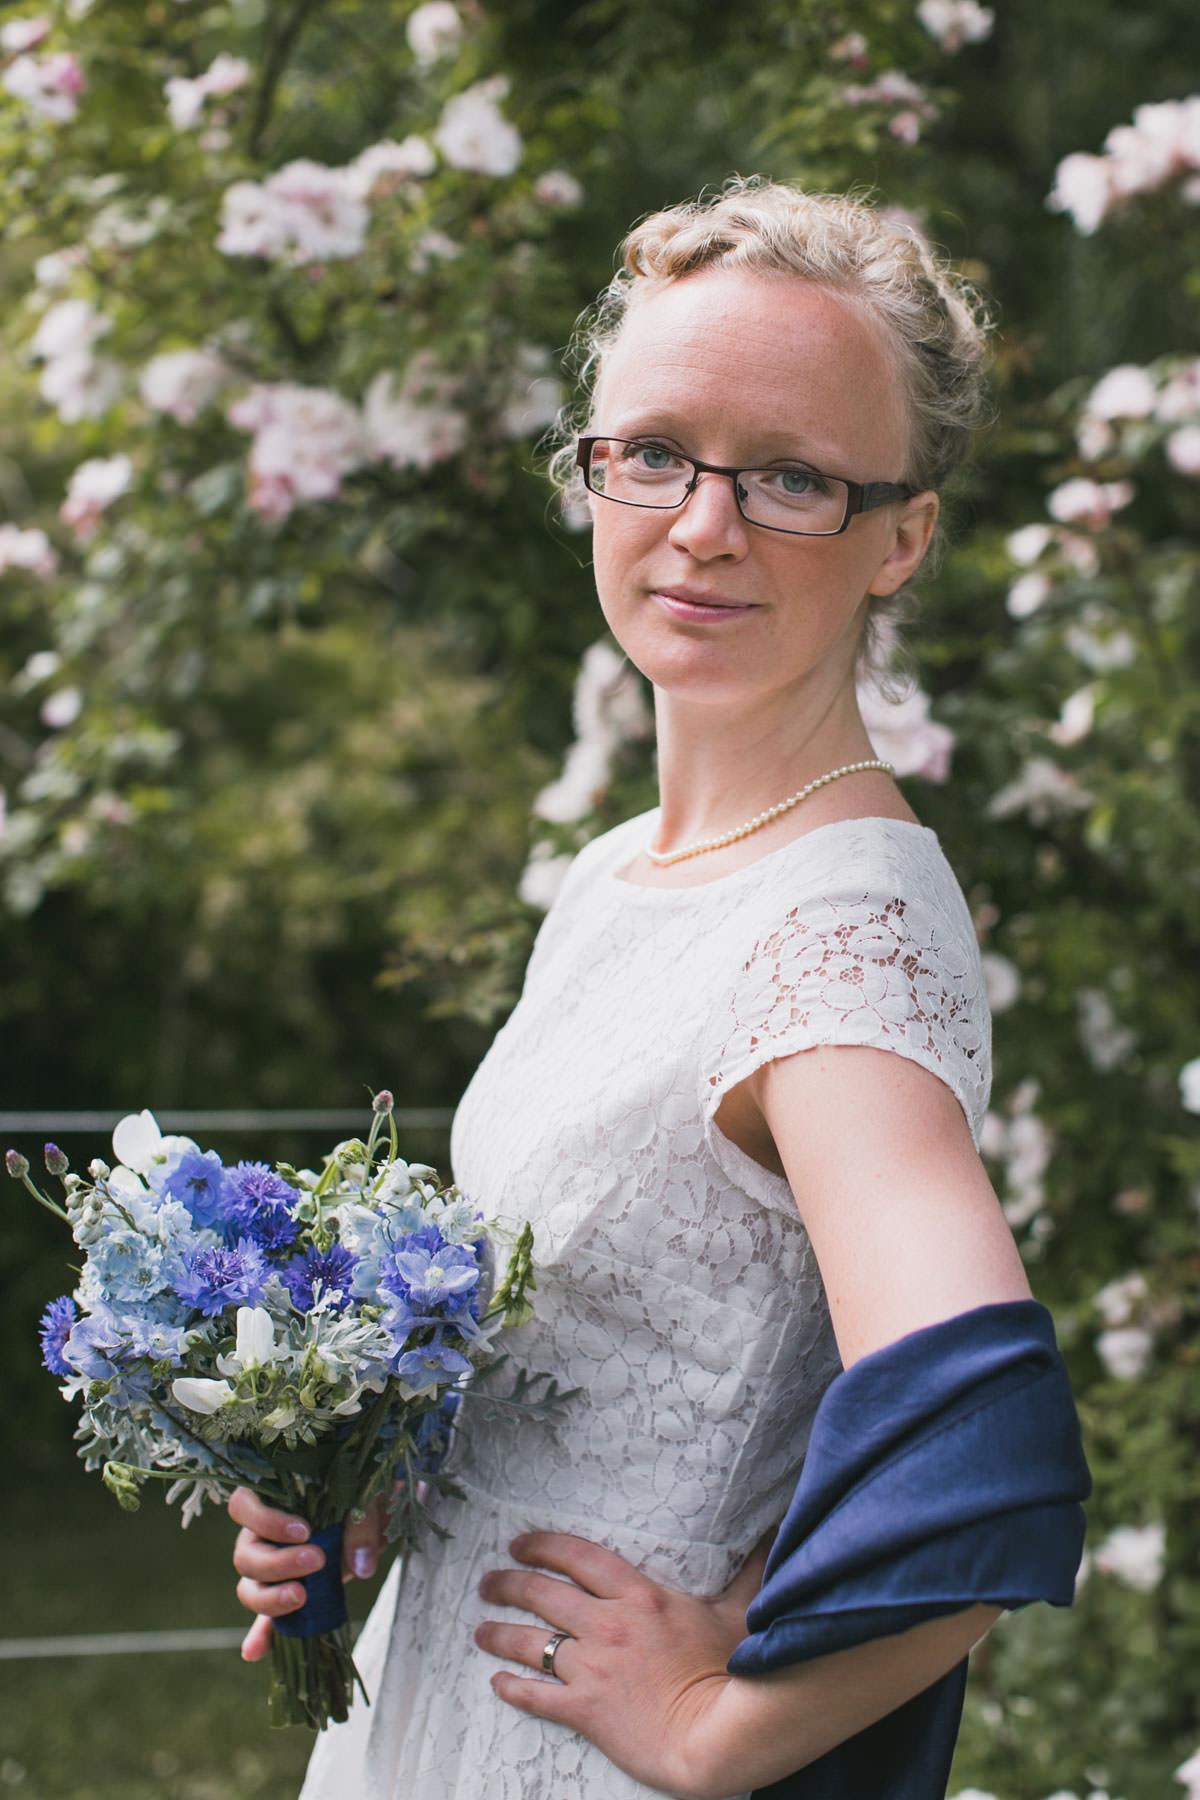 Brudporträtt. Borgerlig vigsel i Botaniska Trädgården, Lund. Foto: bröllopsfotograf Tove Lundquist, bröllopsfotograf Skåne.